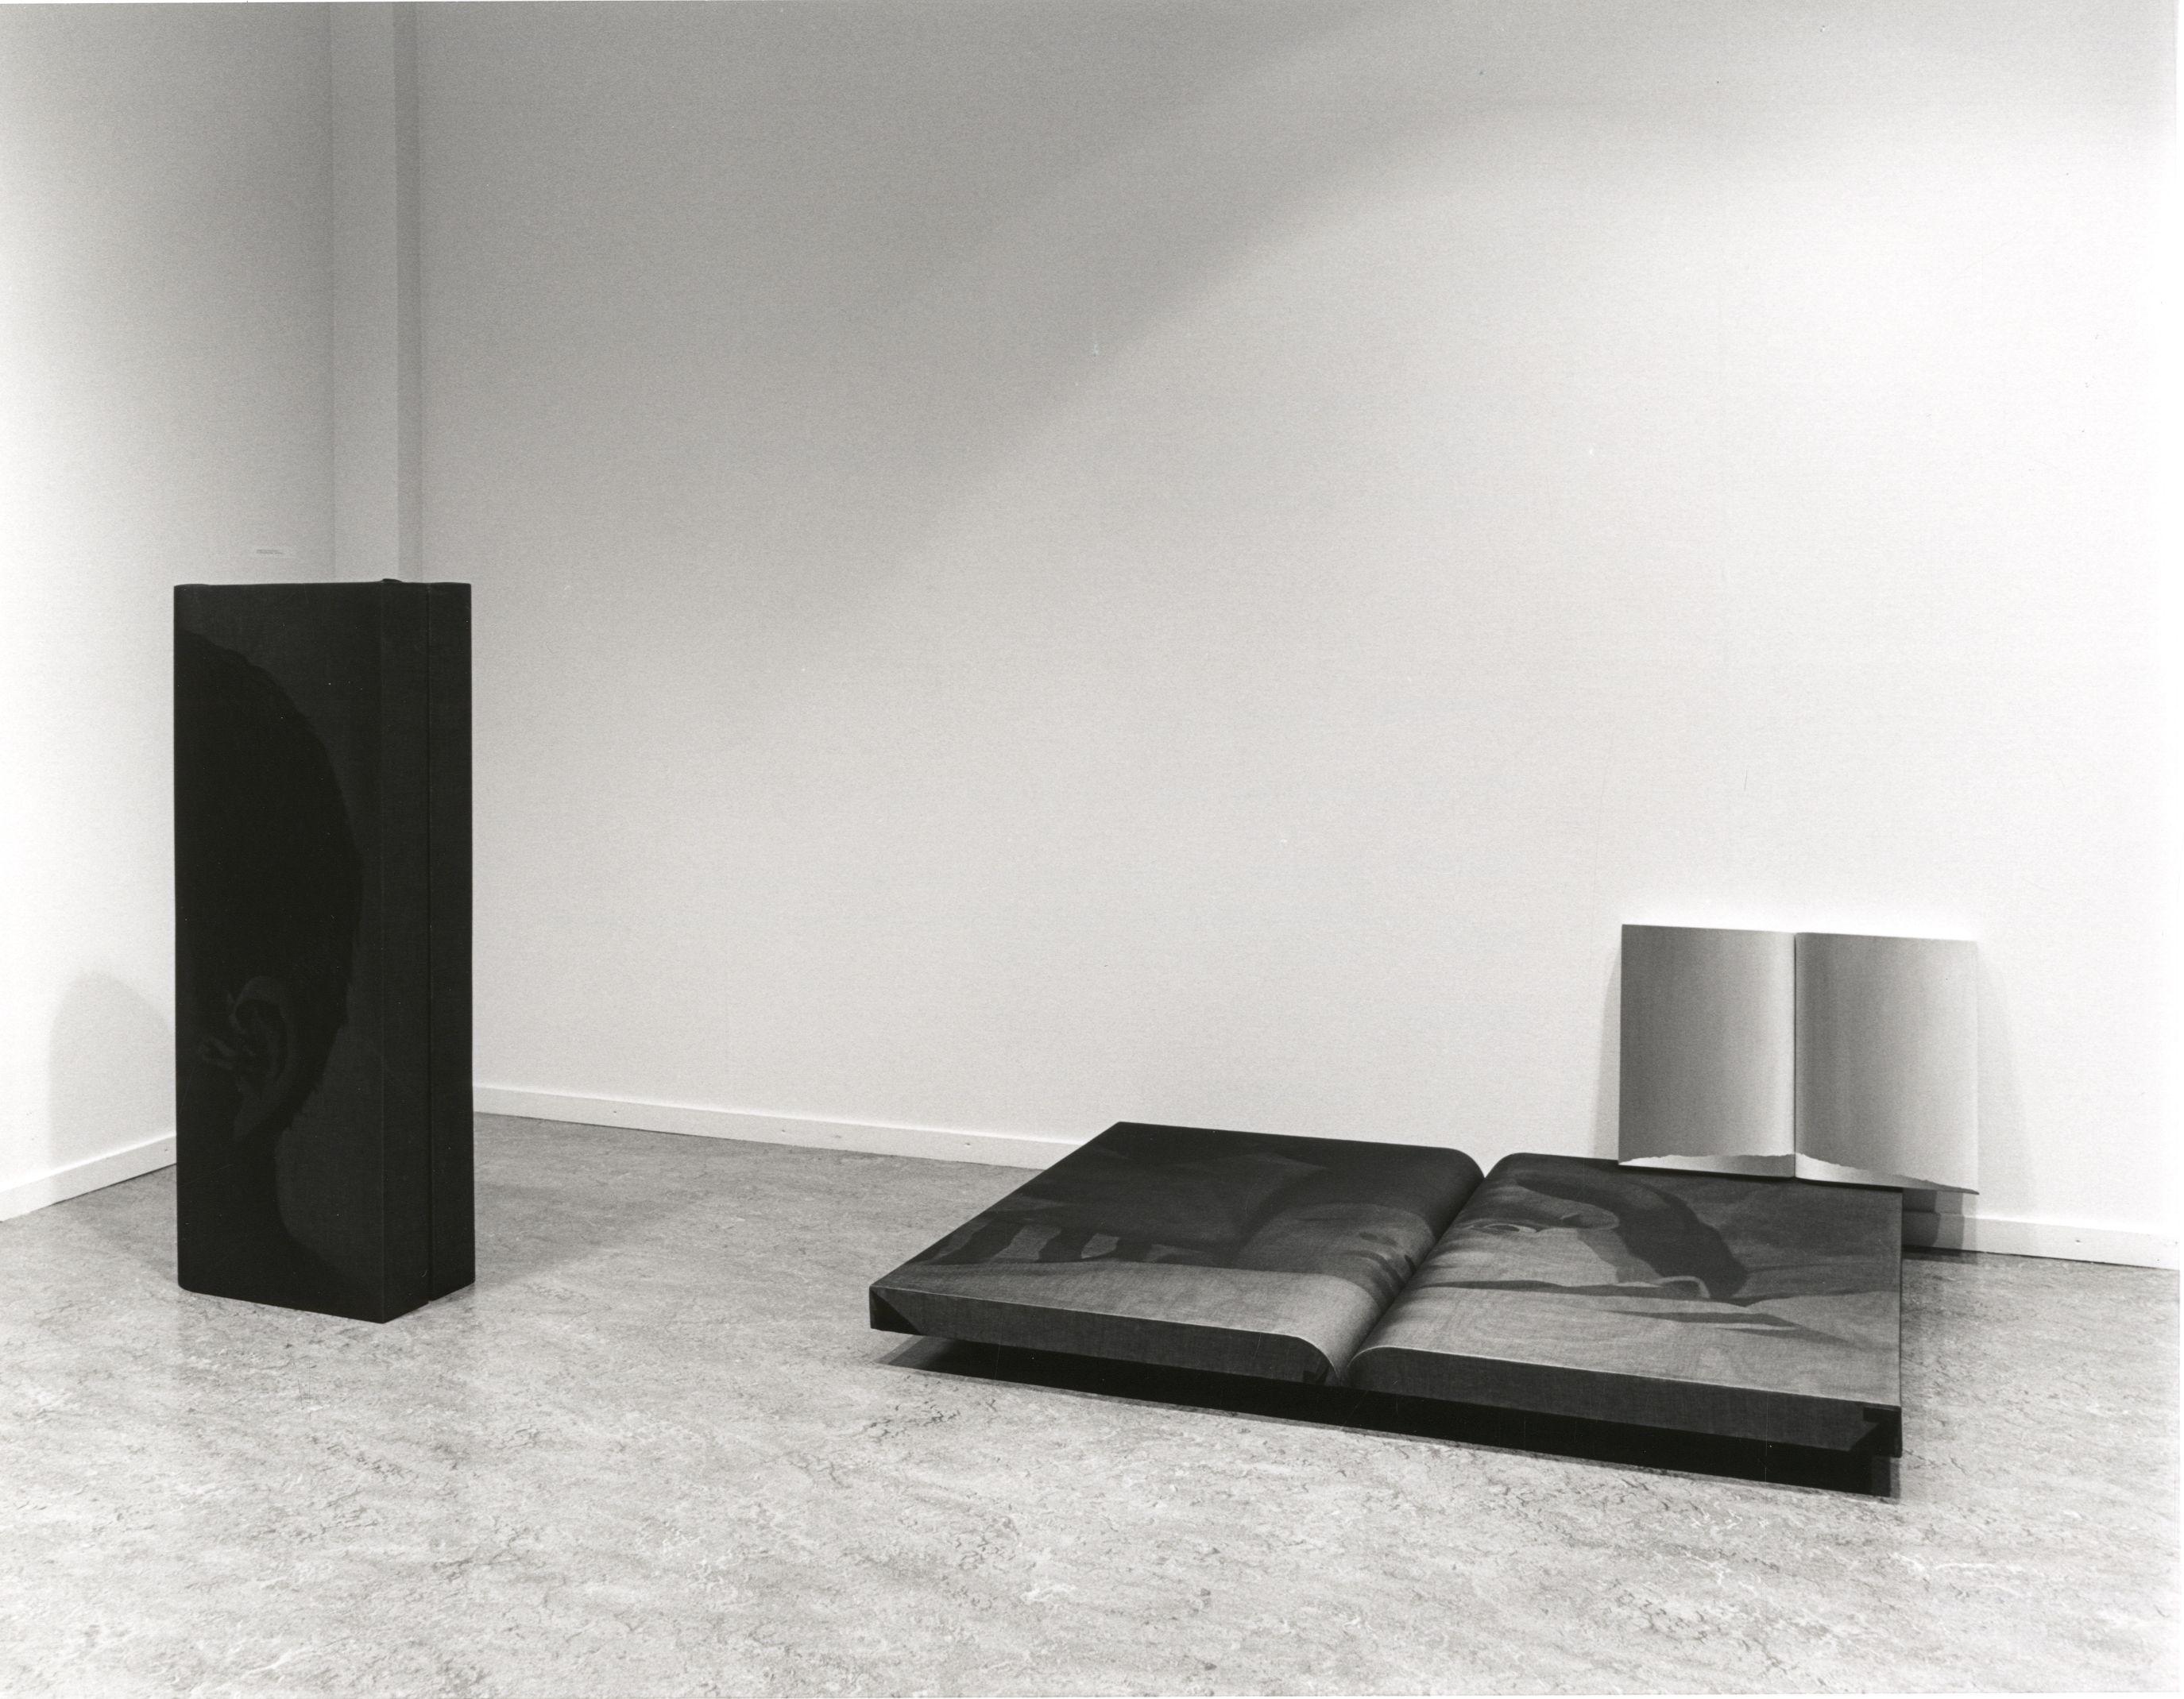 Tiong Ang : Tweede in een serie van zes kleinere presentaties Nederlandse kunstenaars